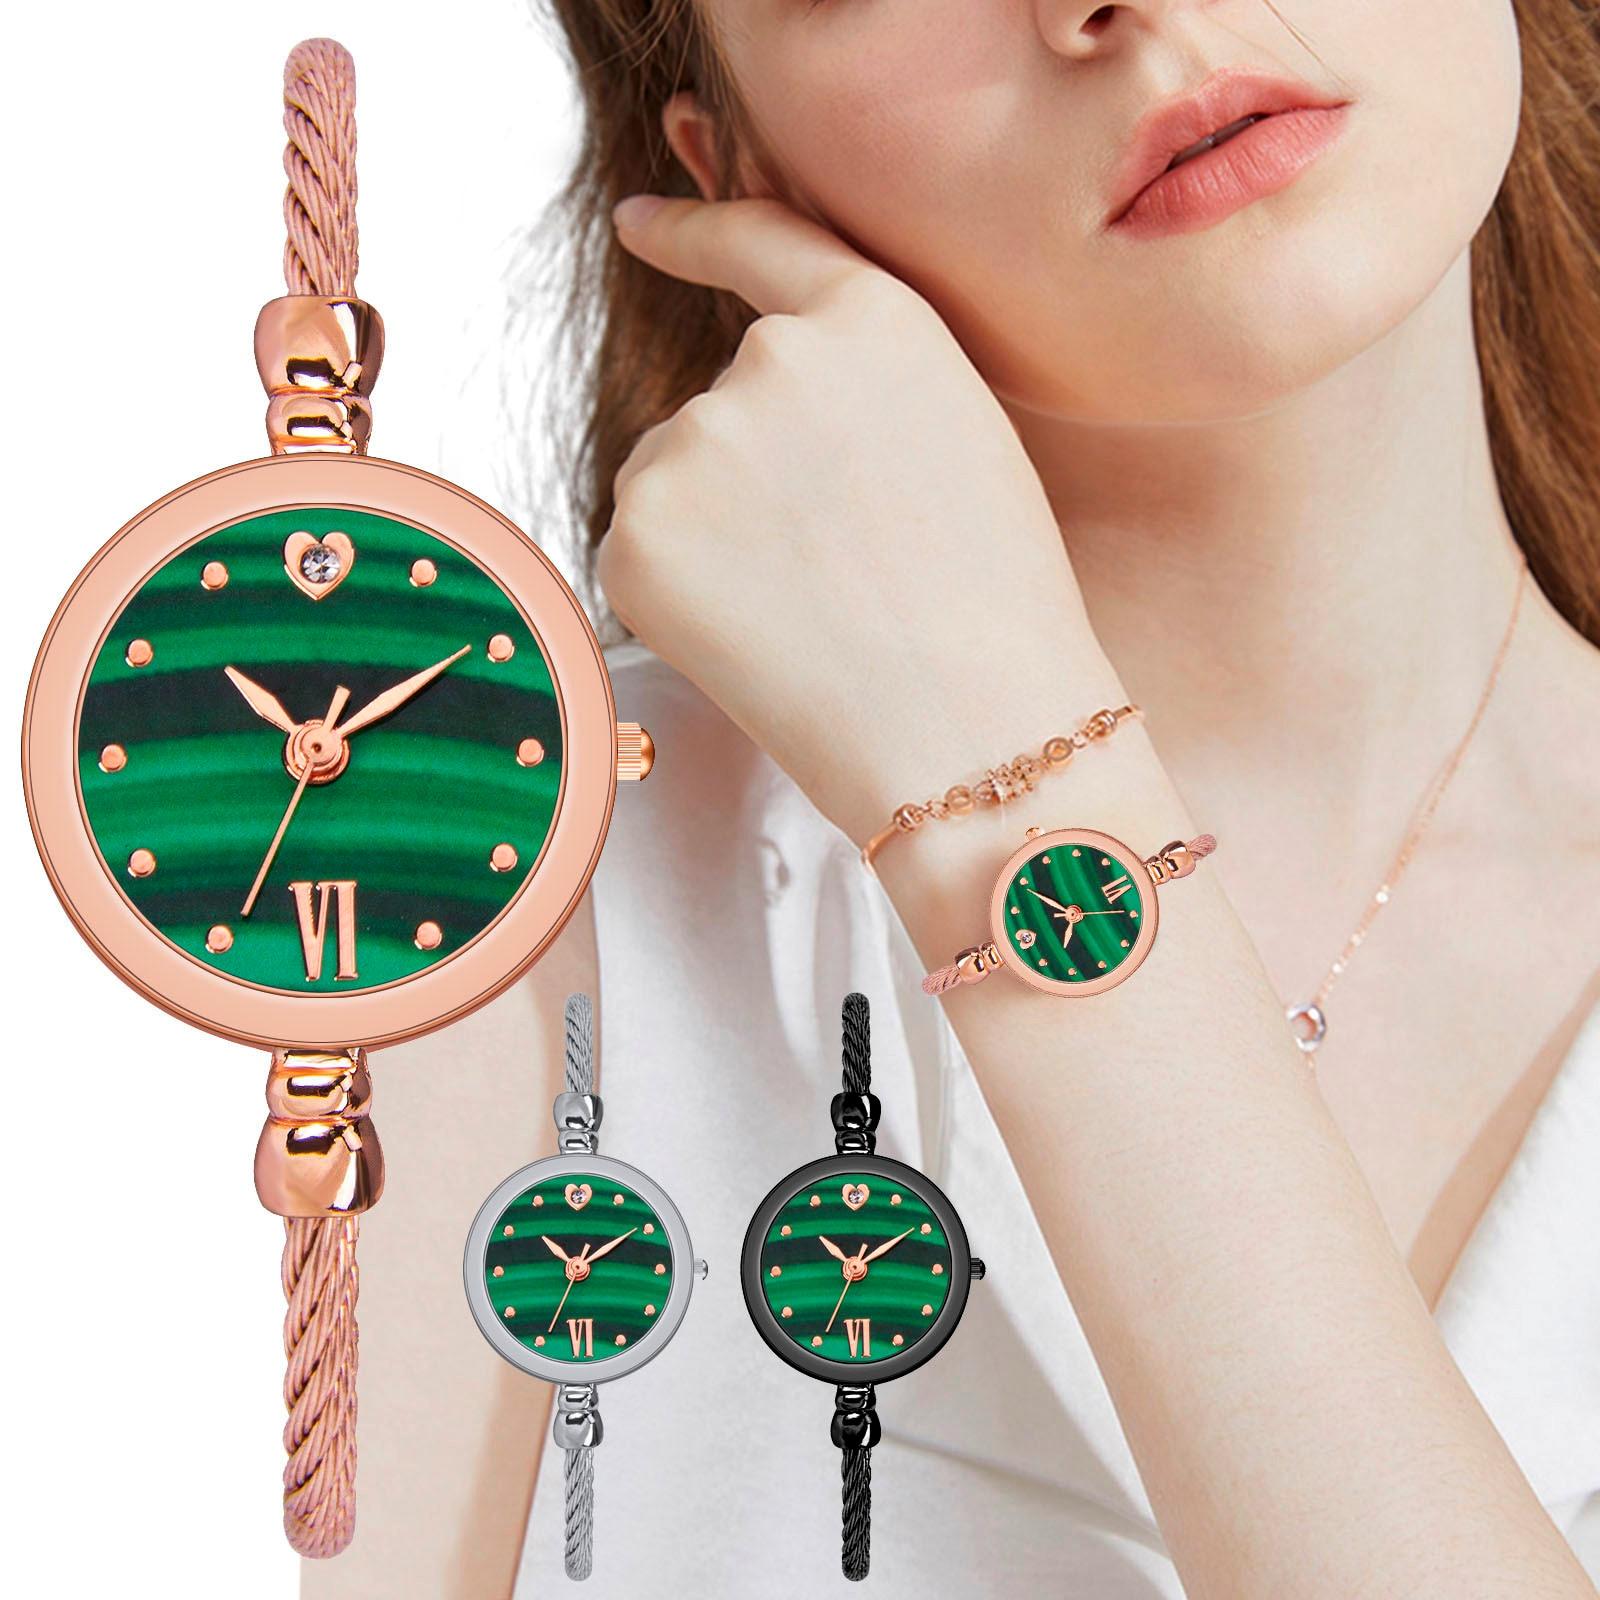 Fashion Green Mirror Quartz Wristwatches Woman 2021 Часы Женские Наручные Luxury